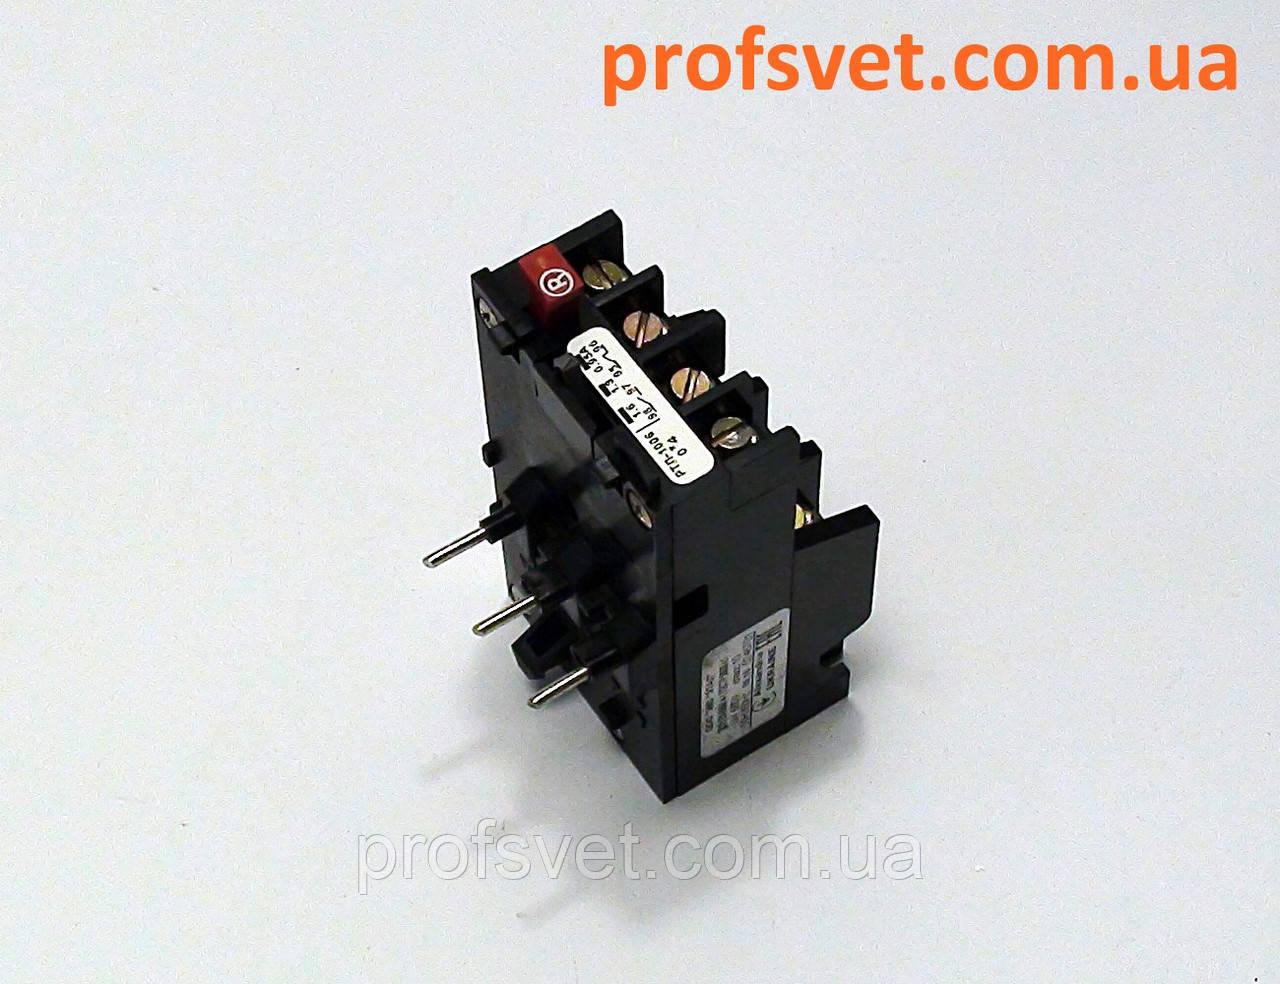 Реле тепловое РТЛ-1012 с регулировкой 5,5-8А